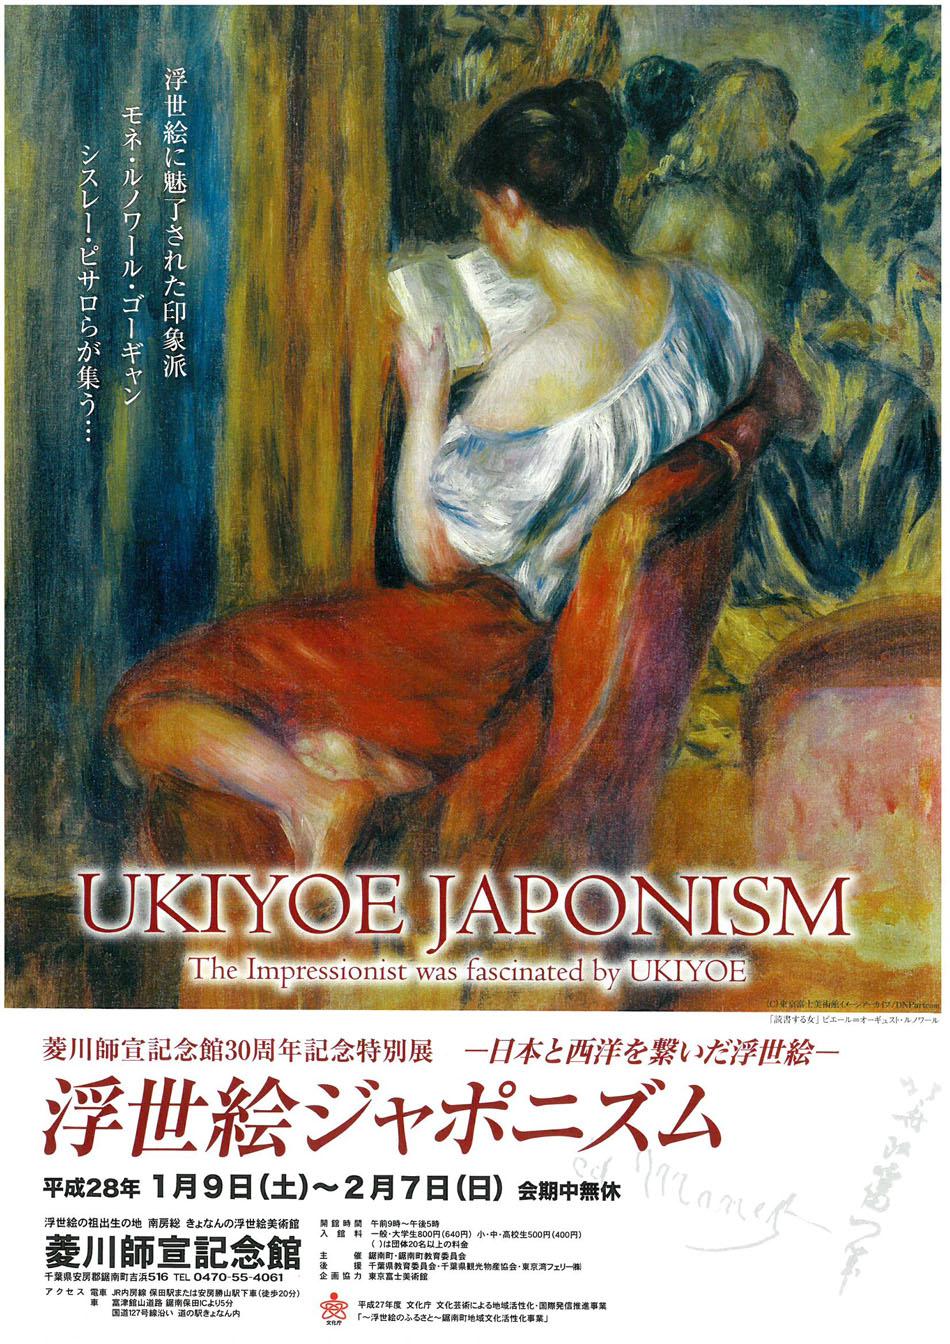 アイ・ラブ・ジャパン:JaponismeジャポニズムからZaponismザパニズムまで!?_a0348309_80841.jpg